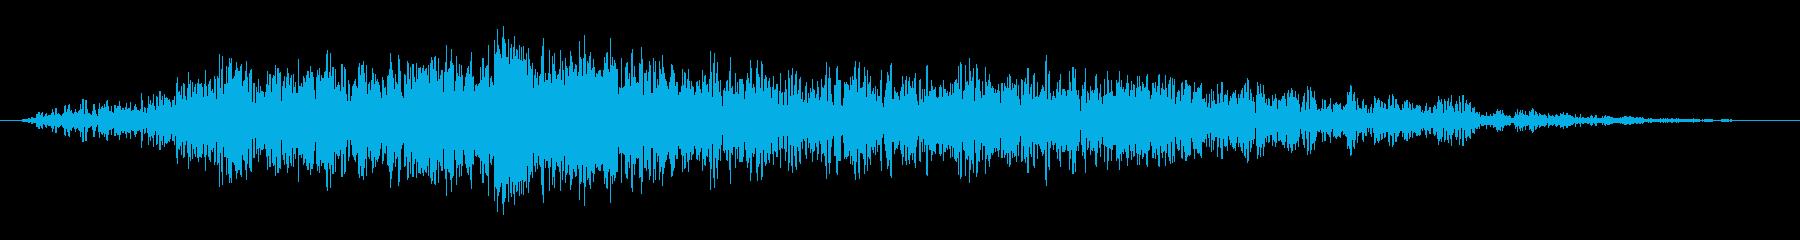 ラトルアンドビッグインパクトスイープ2の再生済みの波形